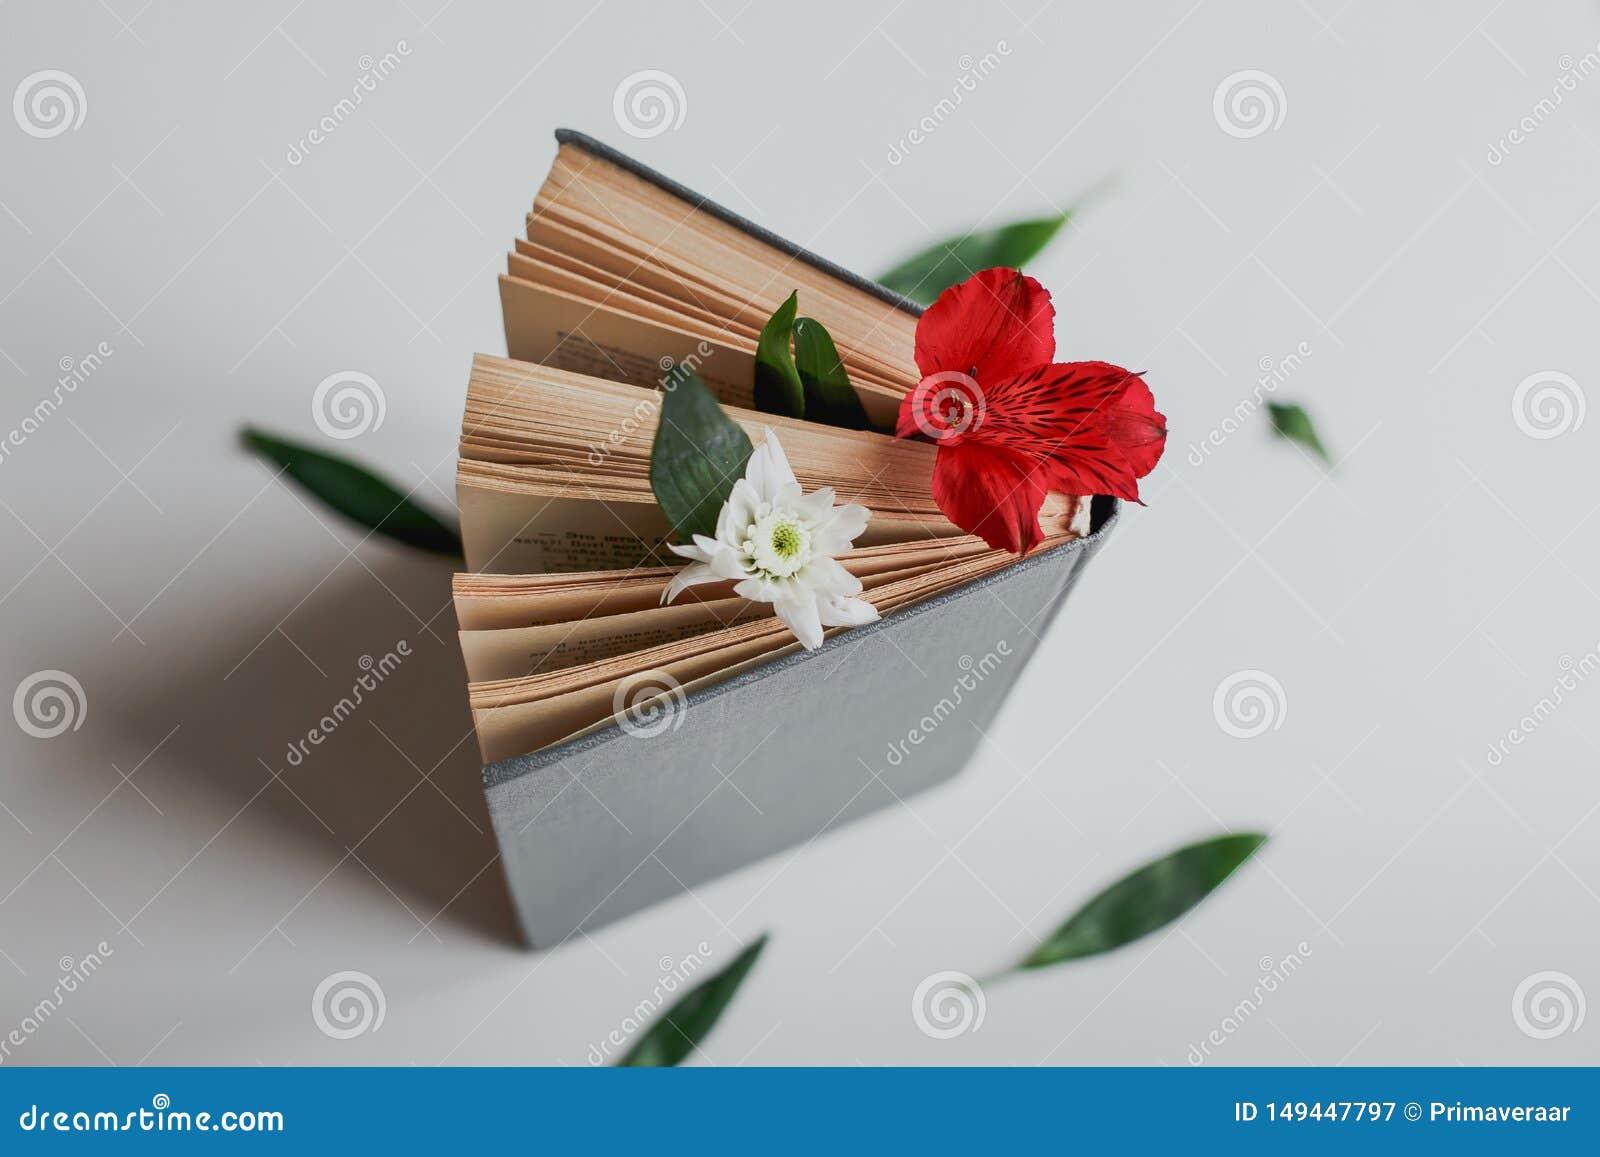 Blomma mellan sidorna av boken